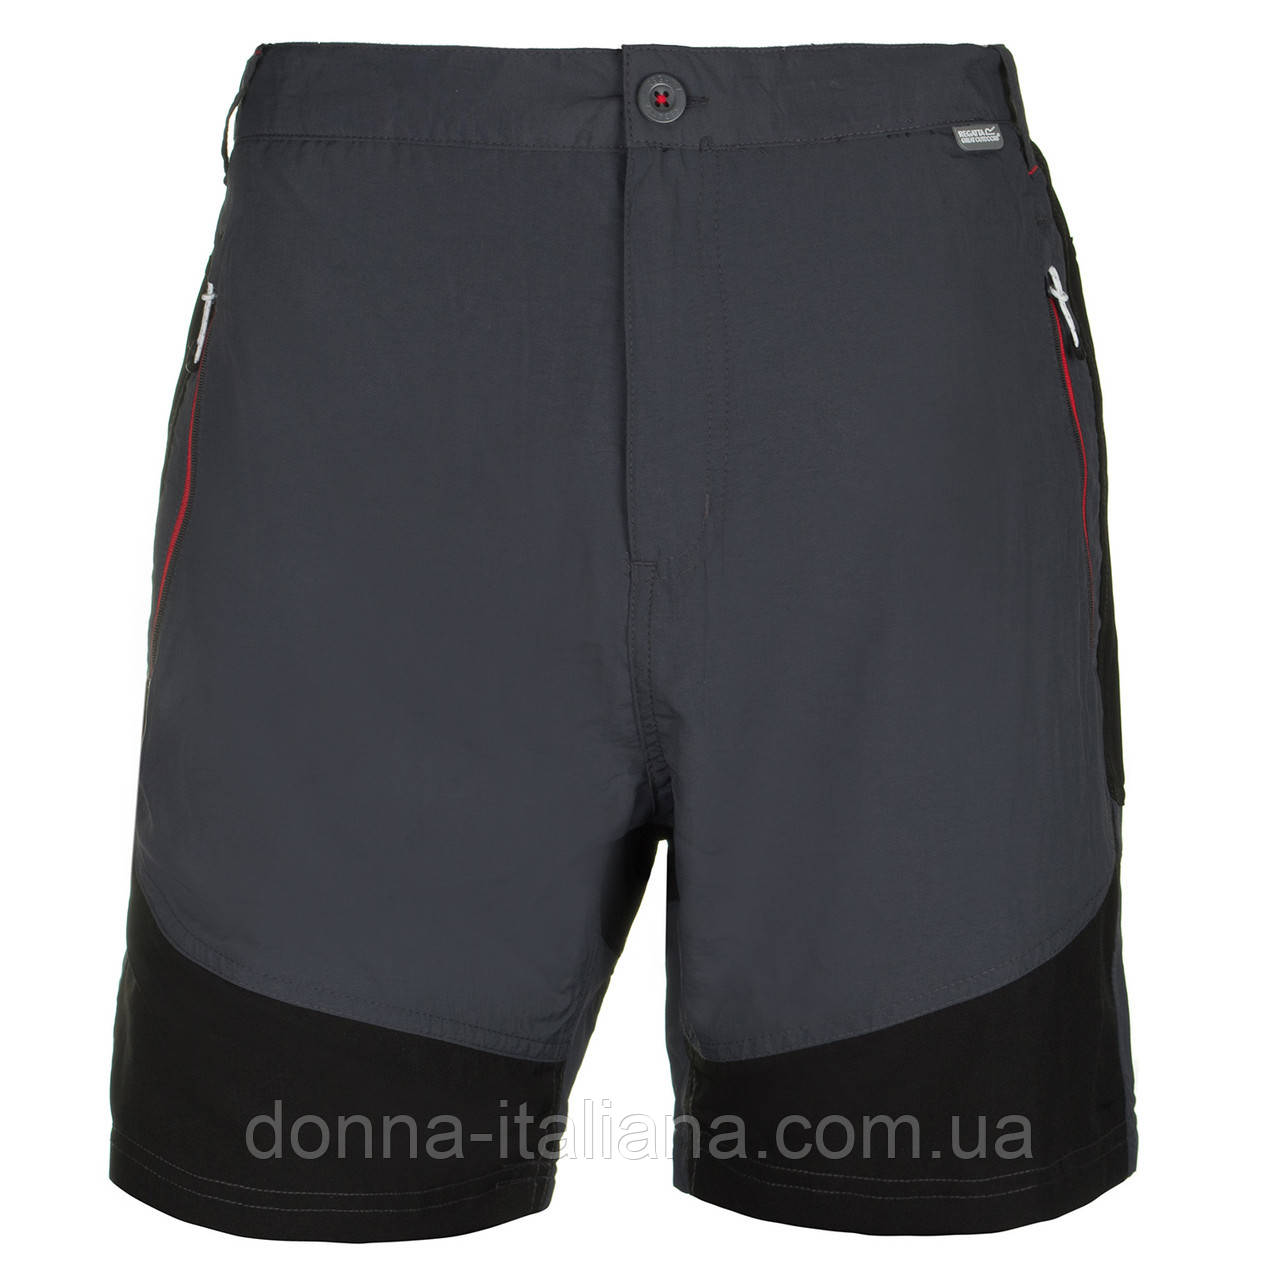 Чоловічі шорти Regatta Sungari L Grey-Black